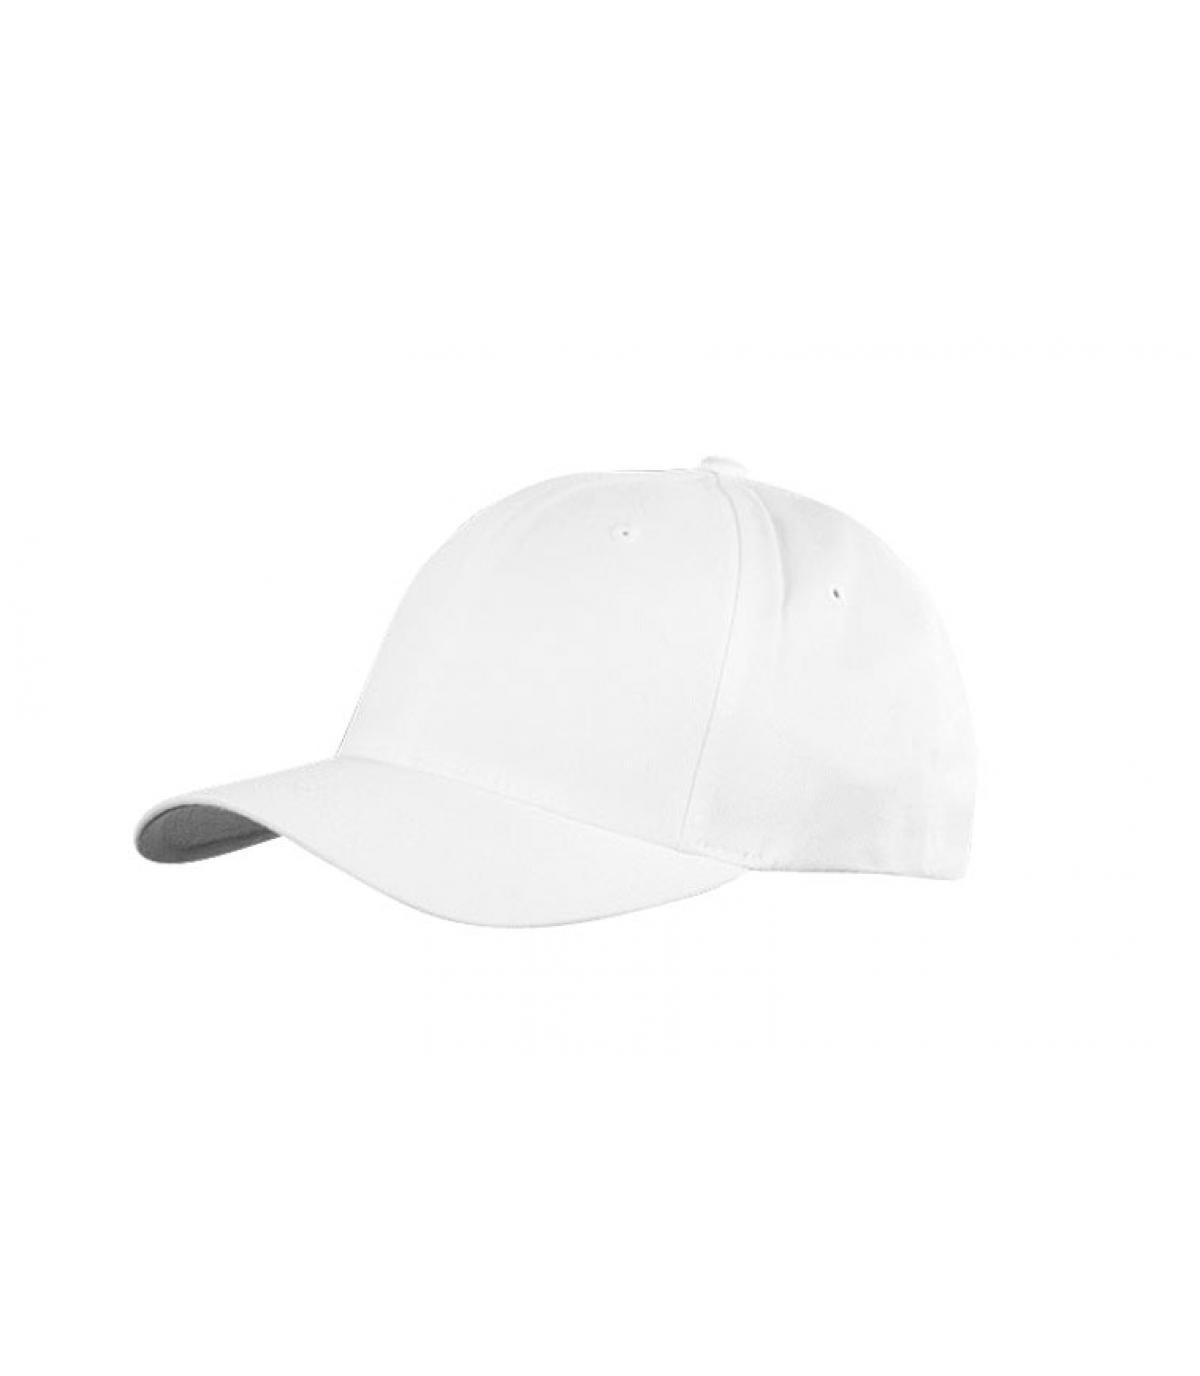 Détails Flexfit cap white - image 2